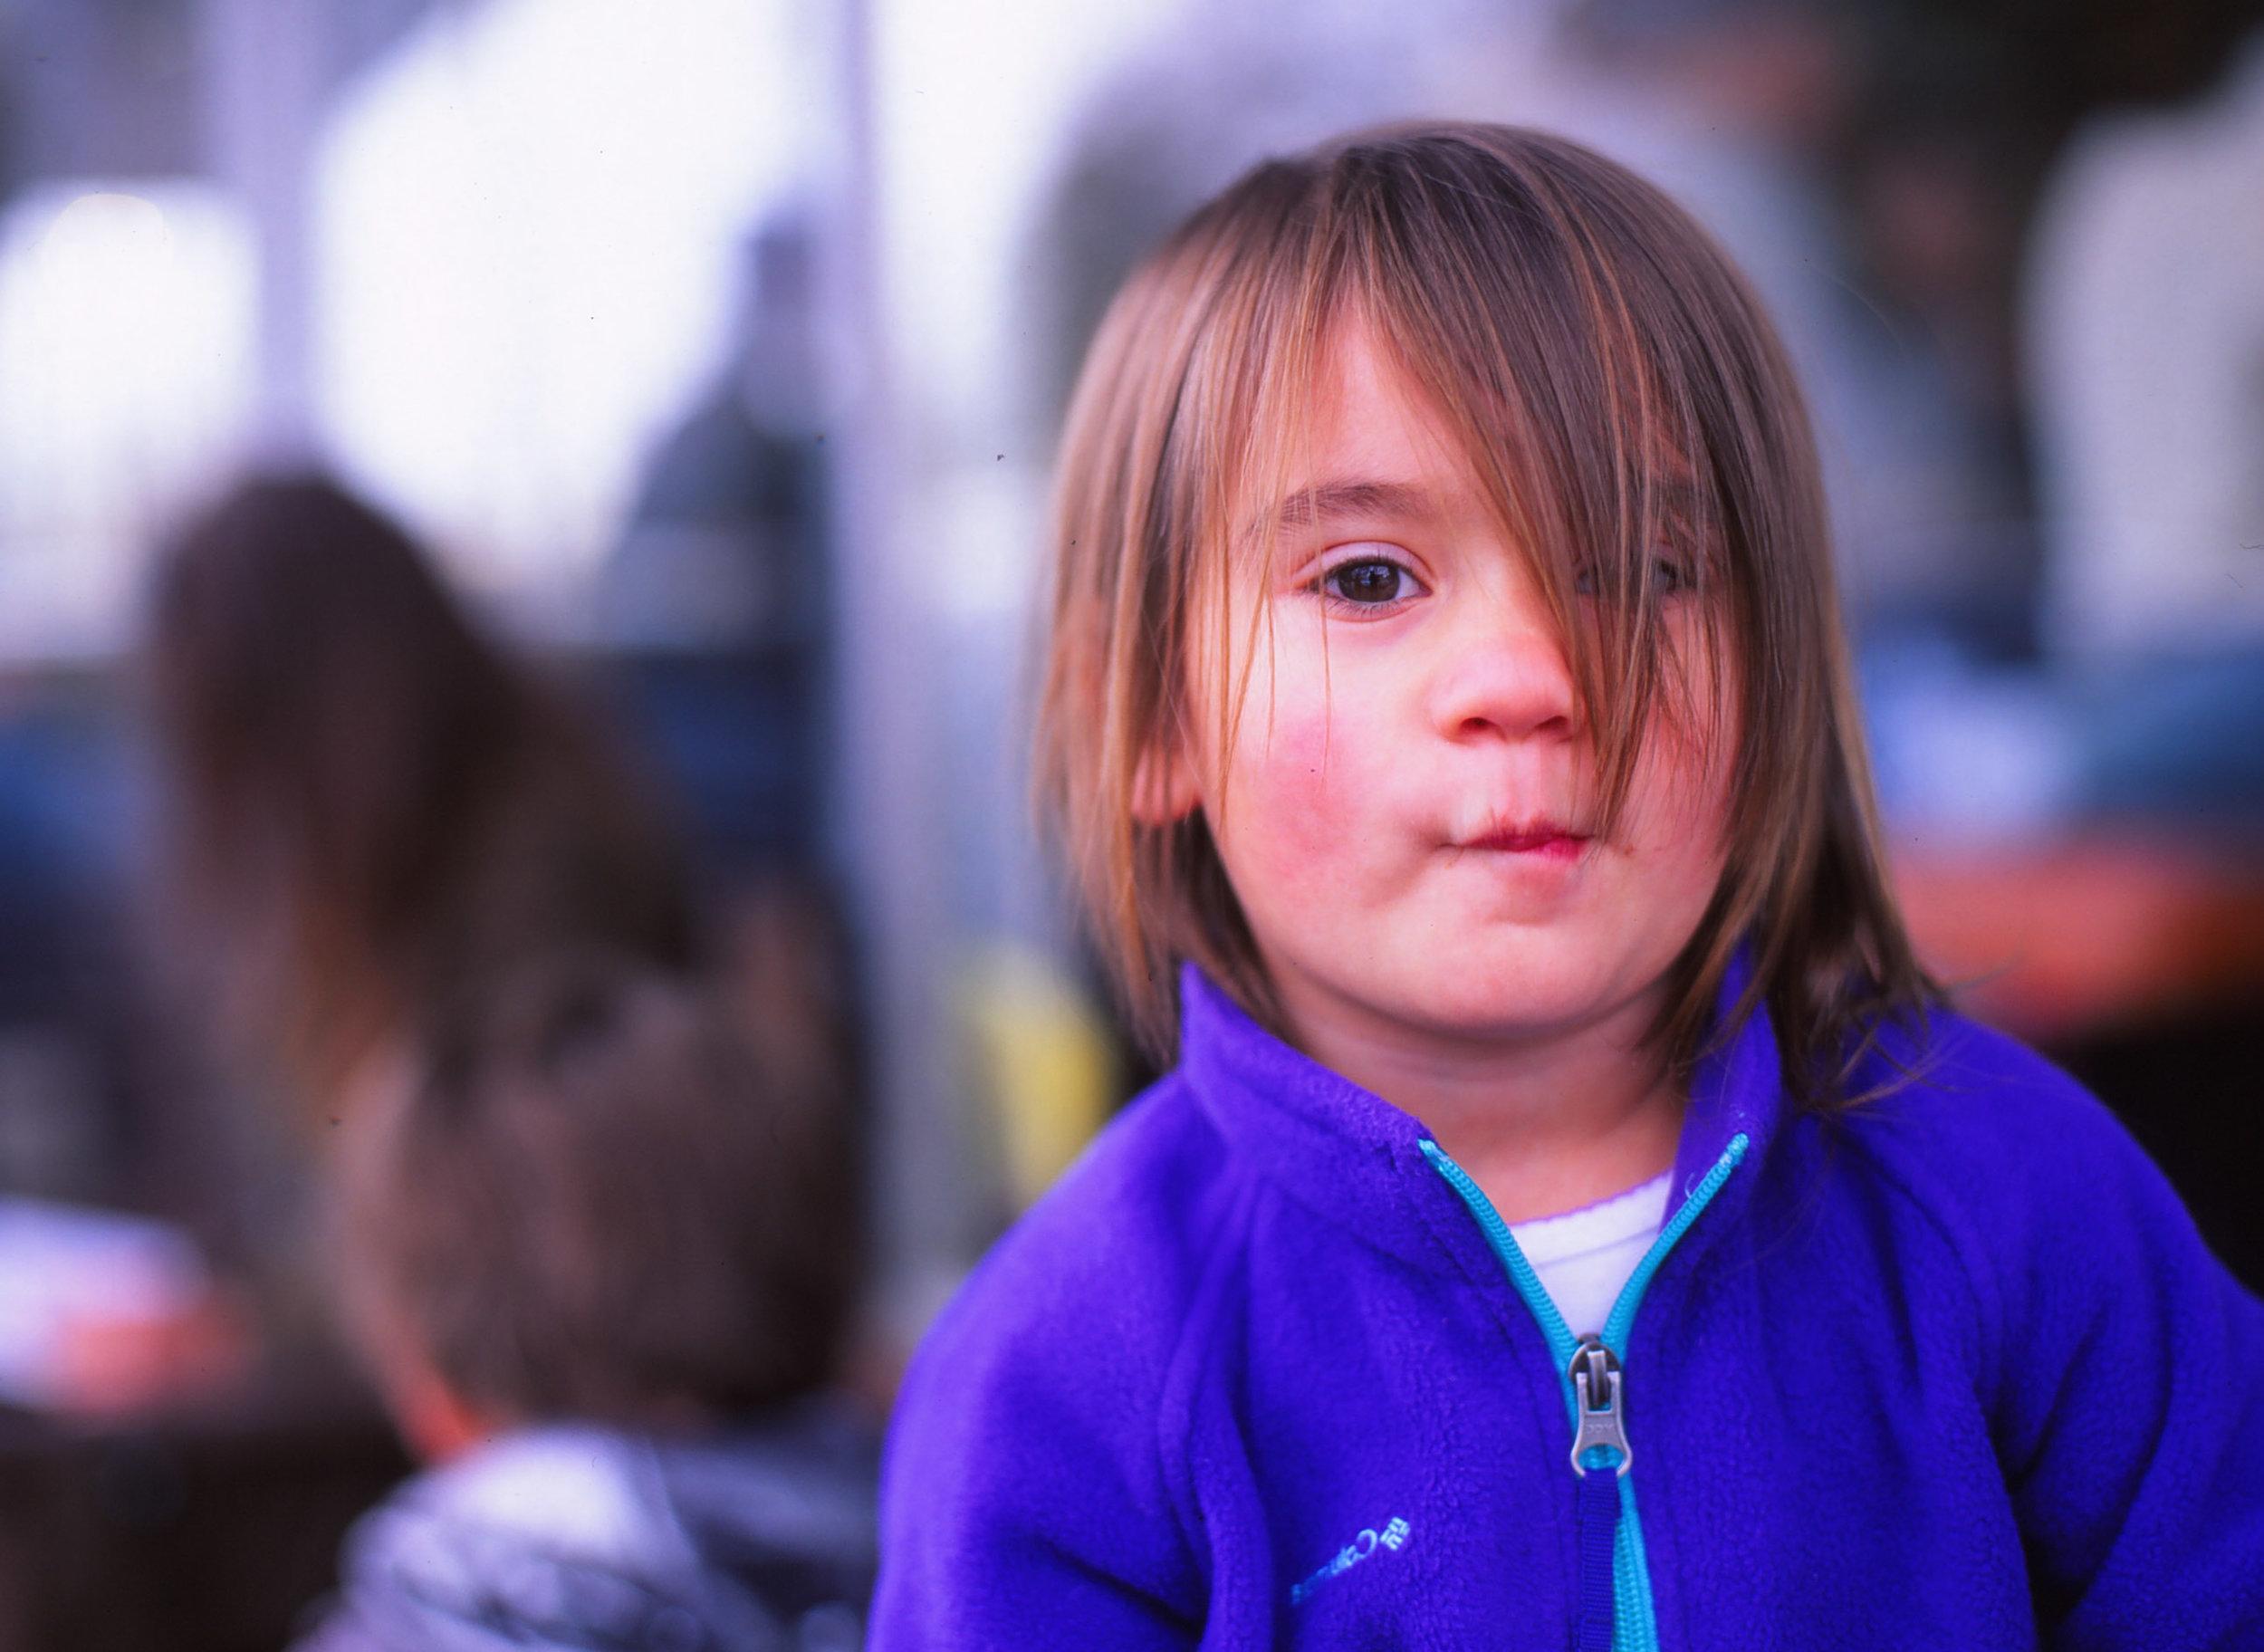 Mamiya - Velvia 50 - Phoebe.jpg